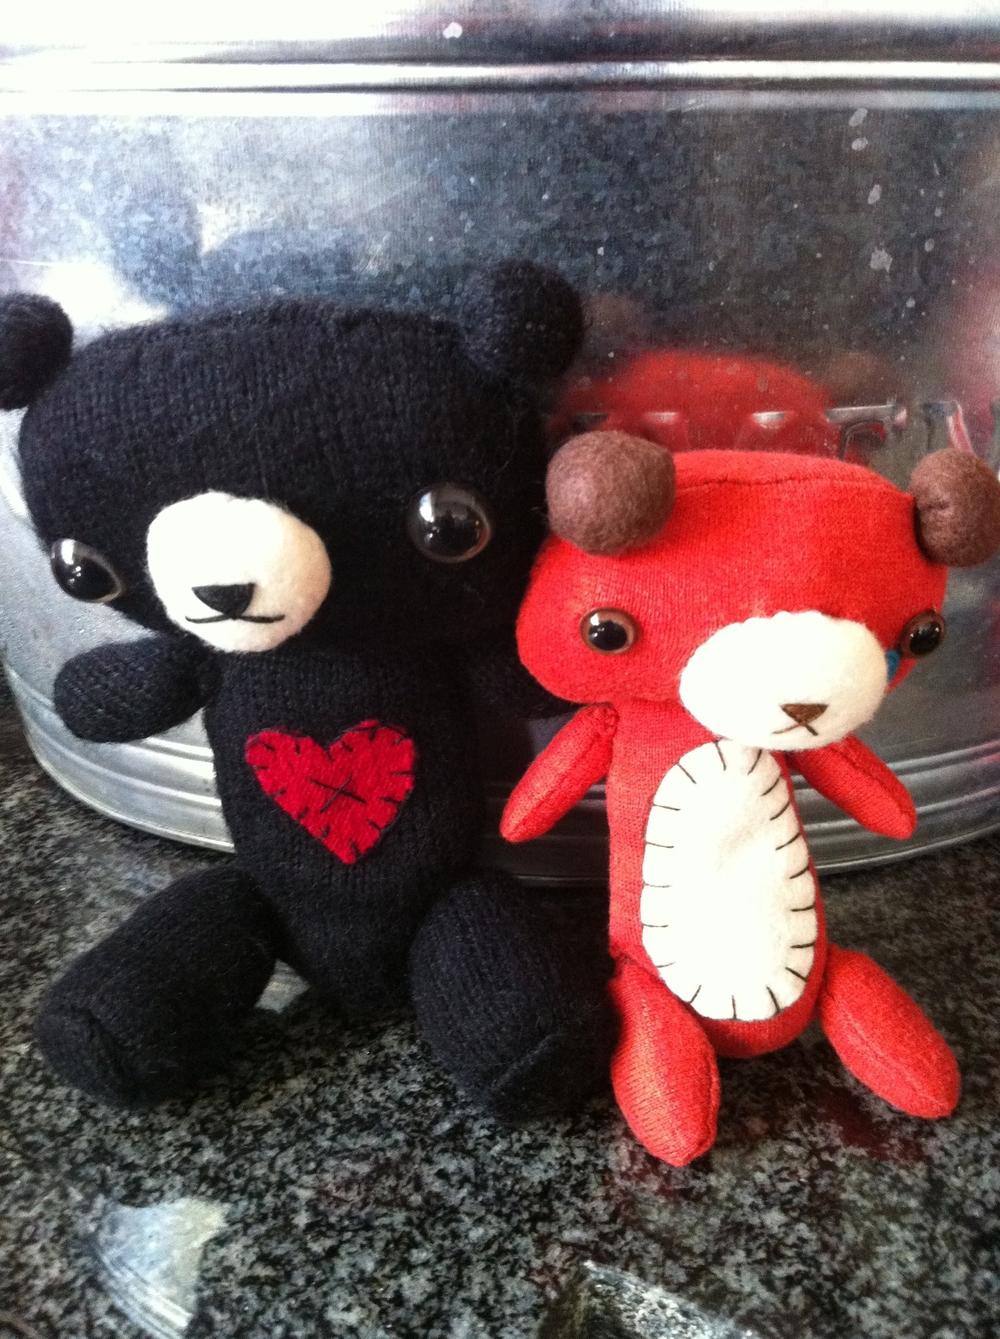 Japanese bears